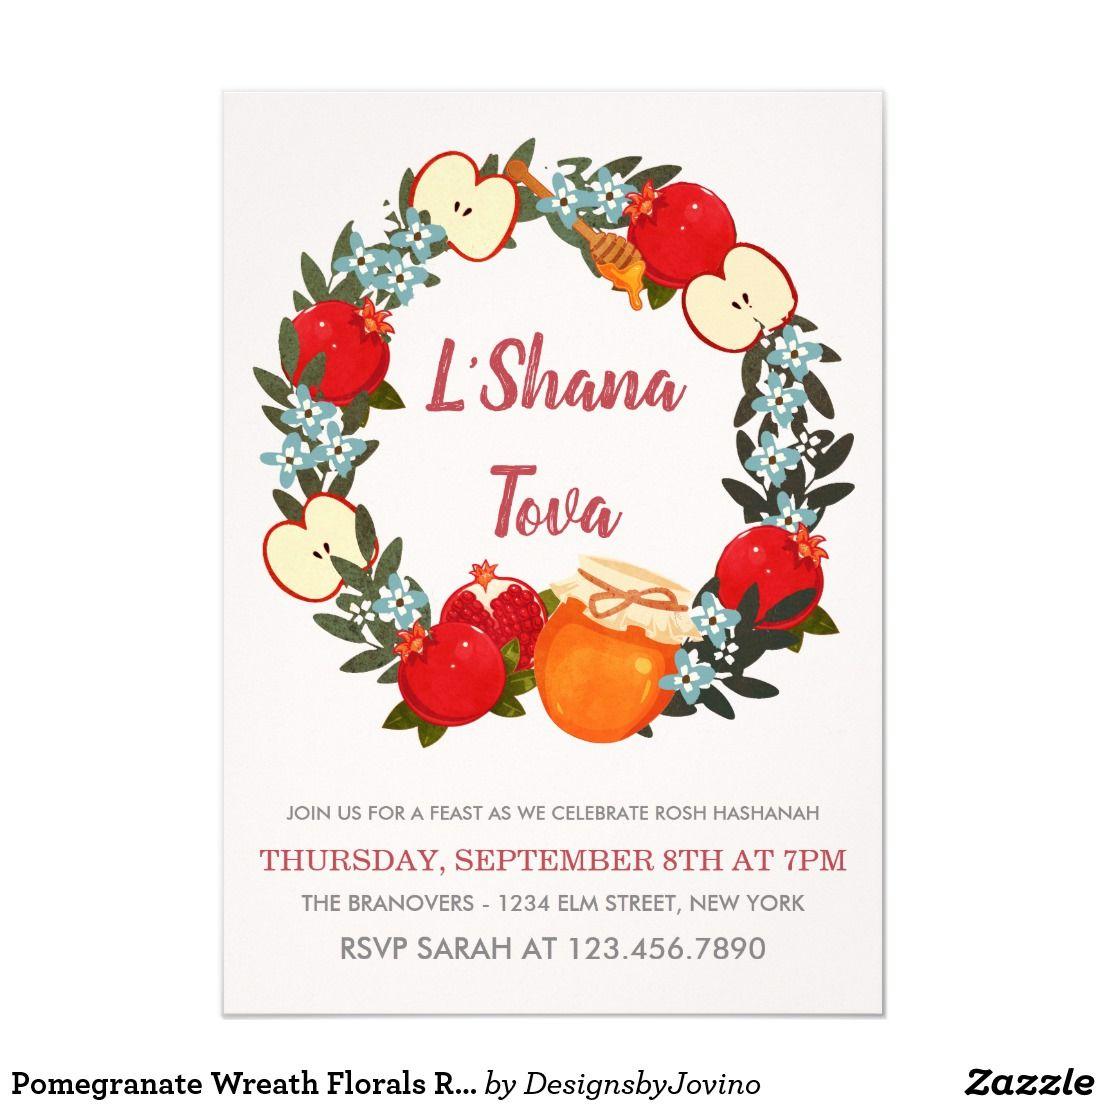 Pomegranate Wreath Florals Rosh Hashanah Invite | Zazzle.com #roshhashanah